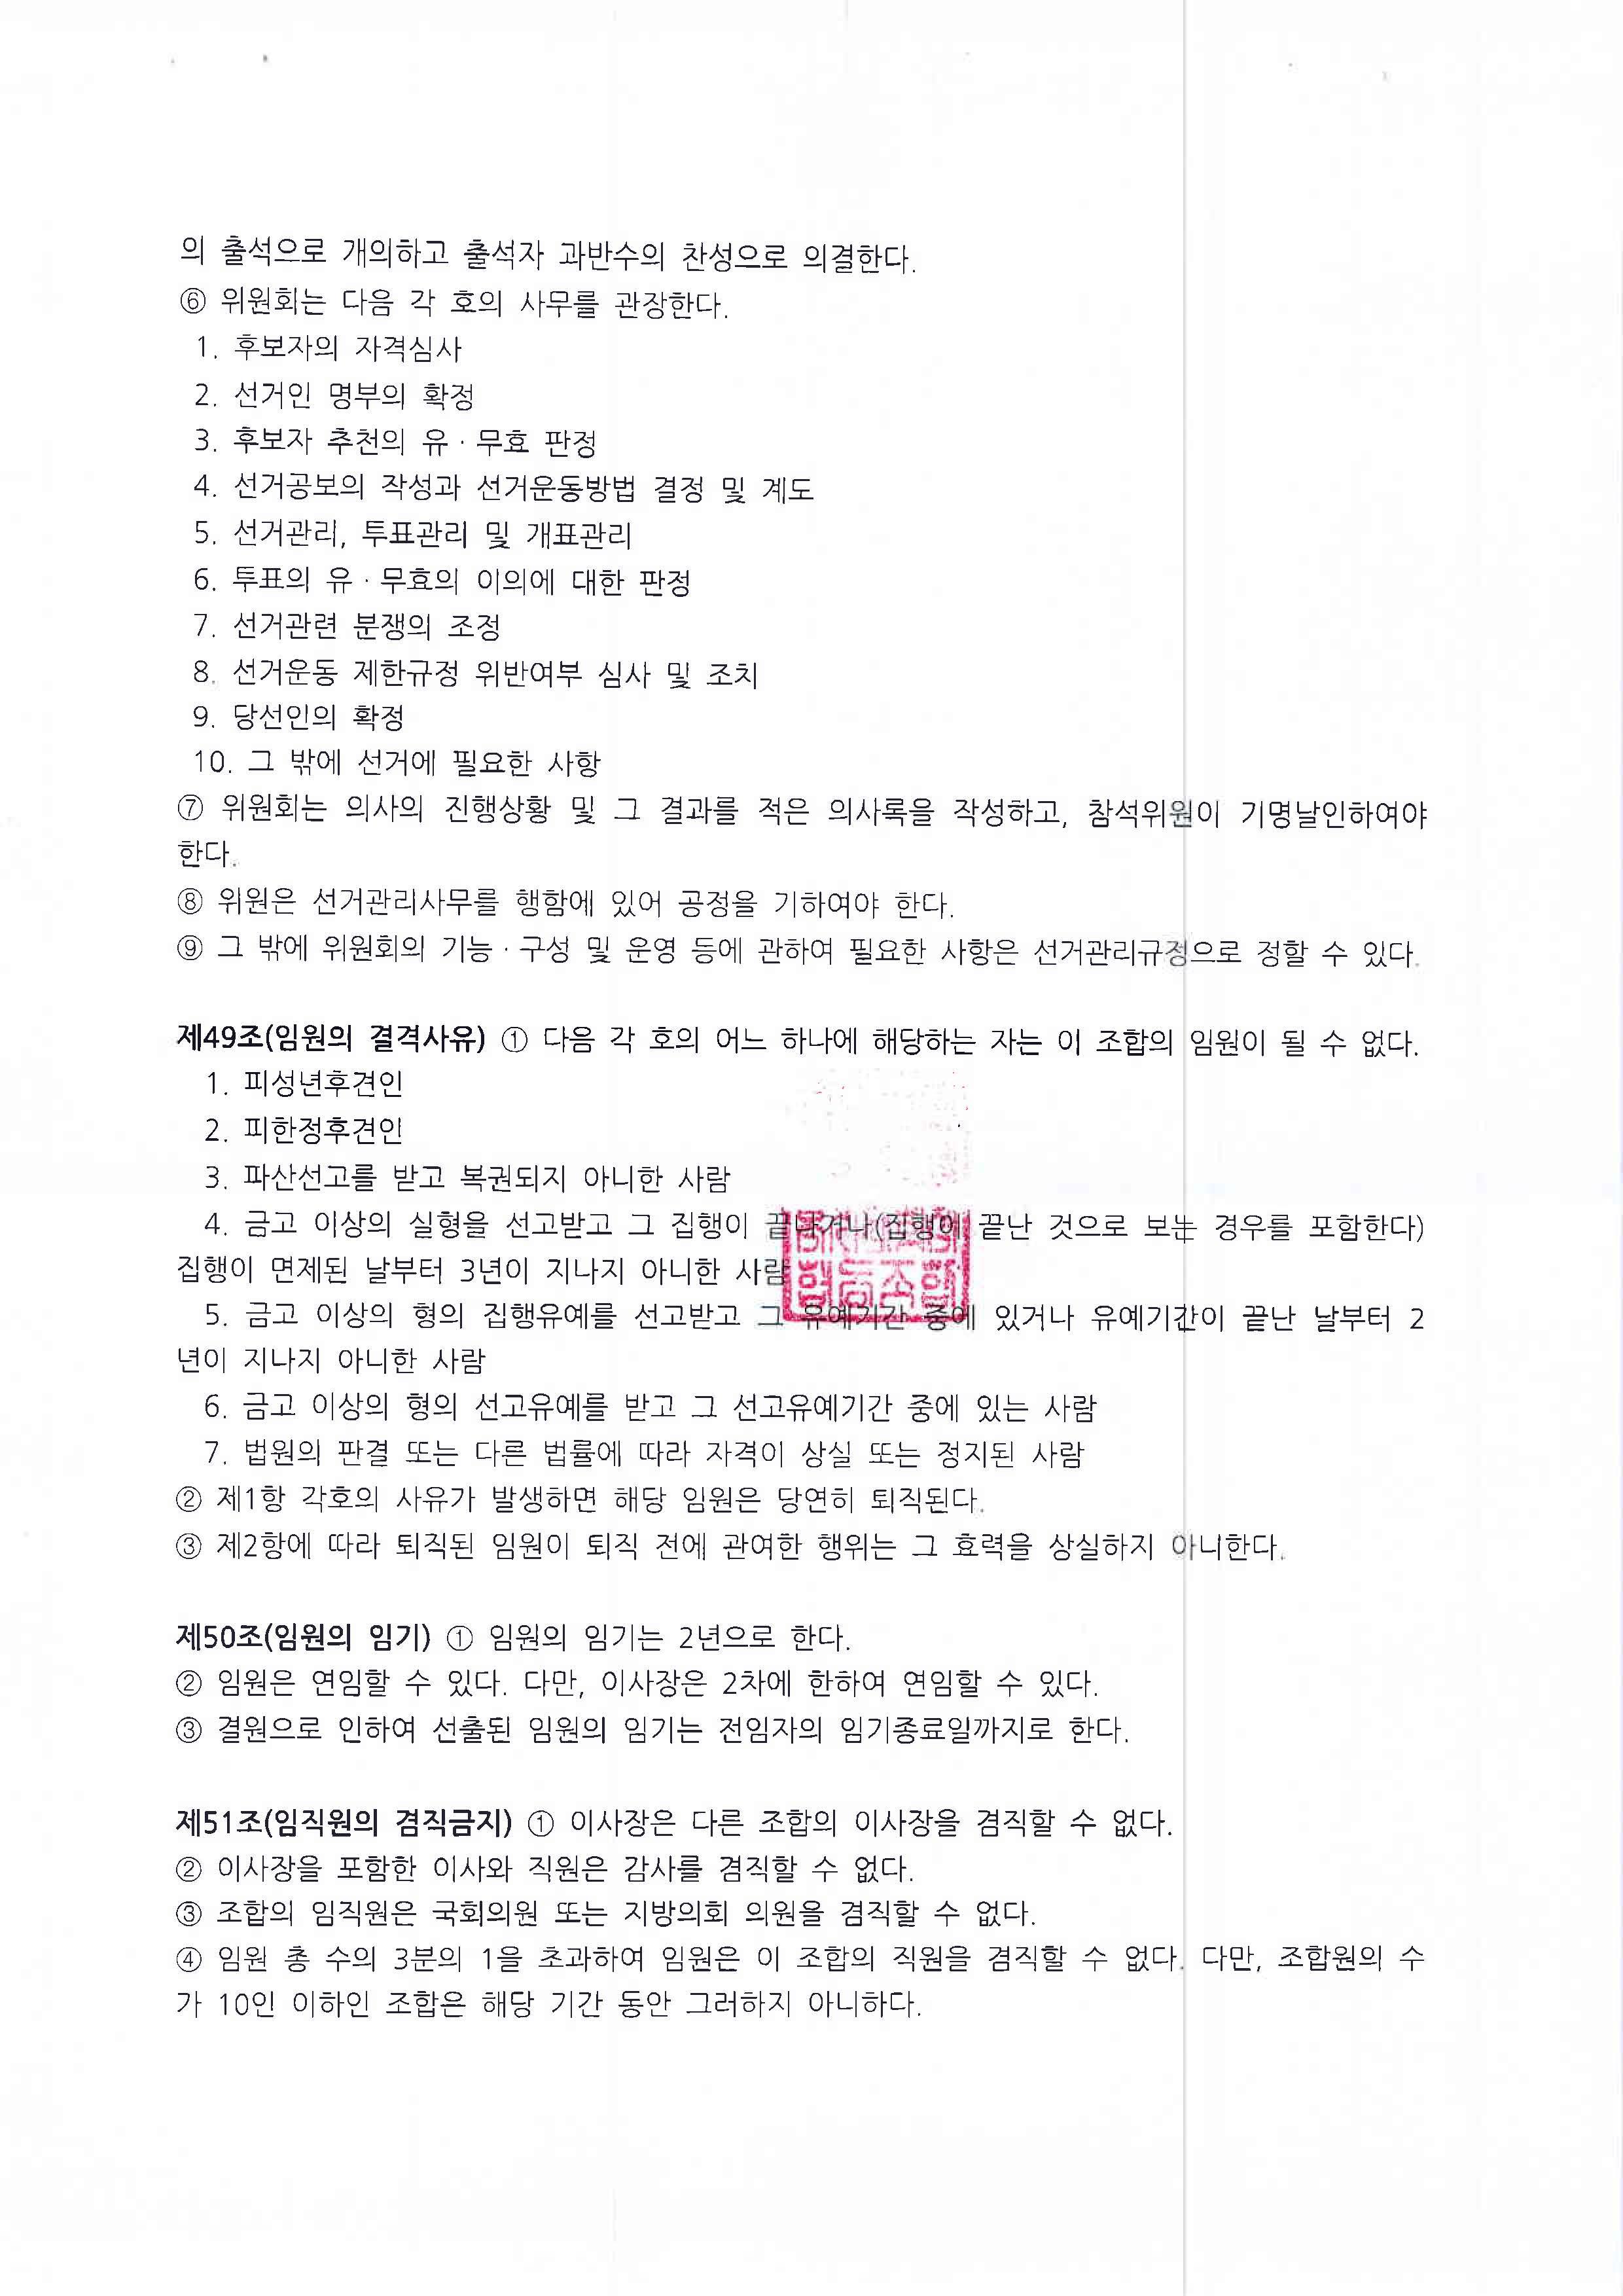 정관(20차 총회 개정안 반영)-원본대조필_페이지_12.jpg